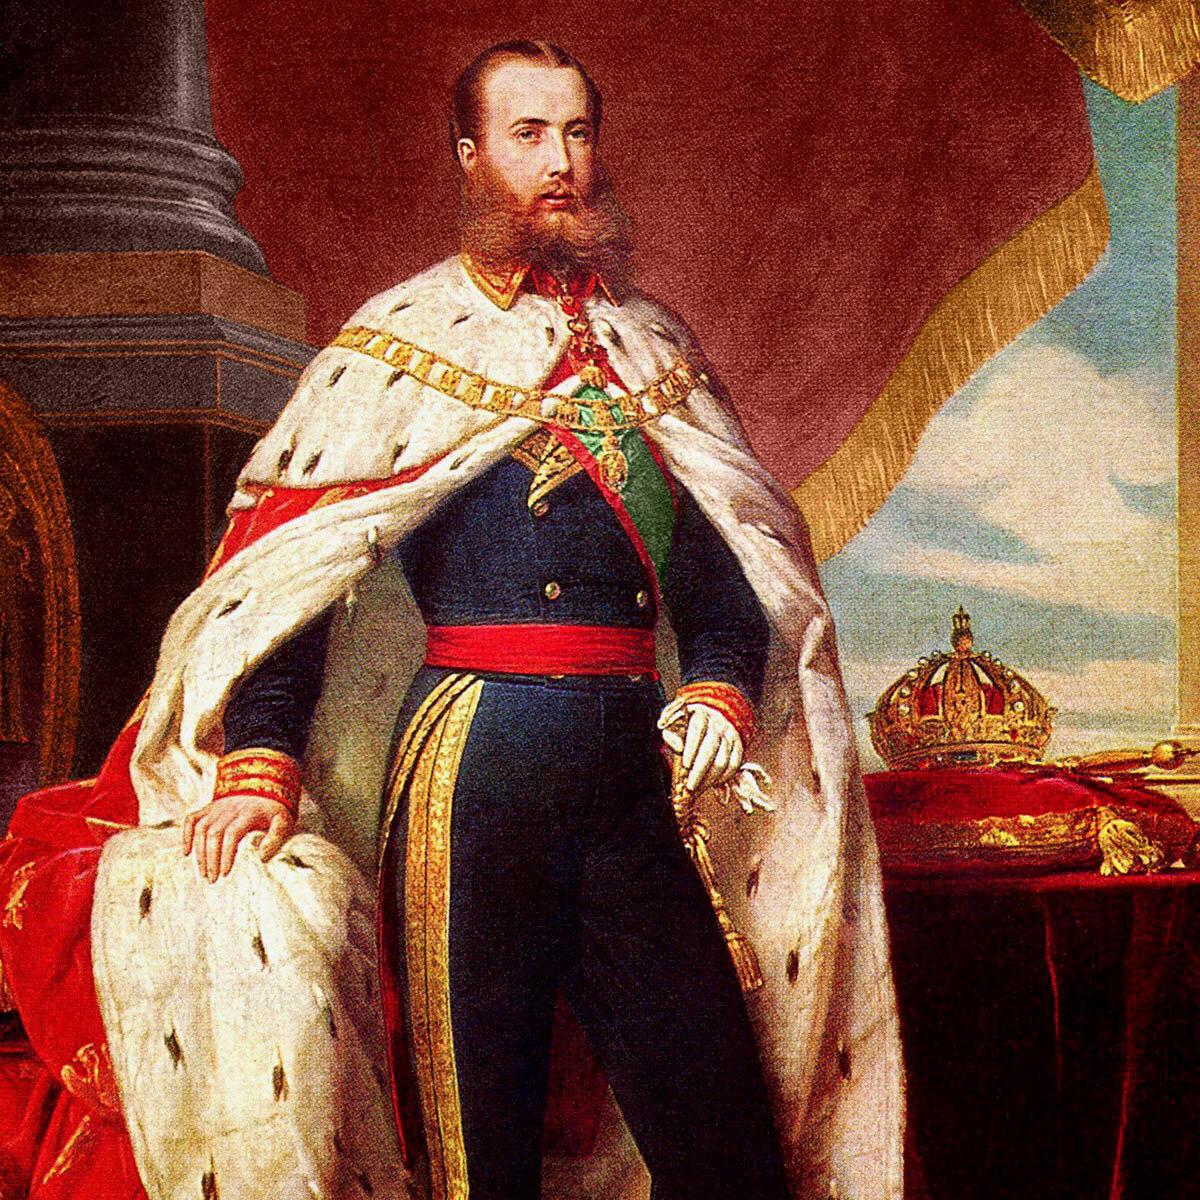 Официальный портрет императора Максимилиана